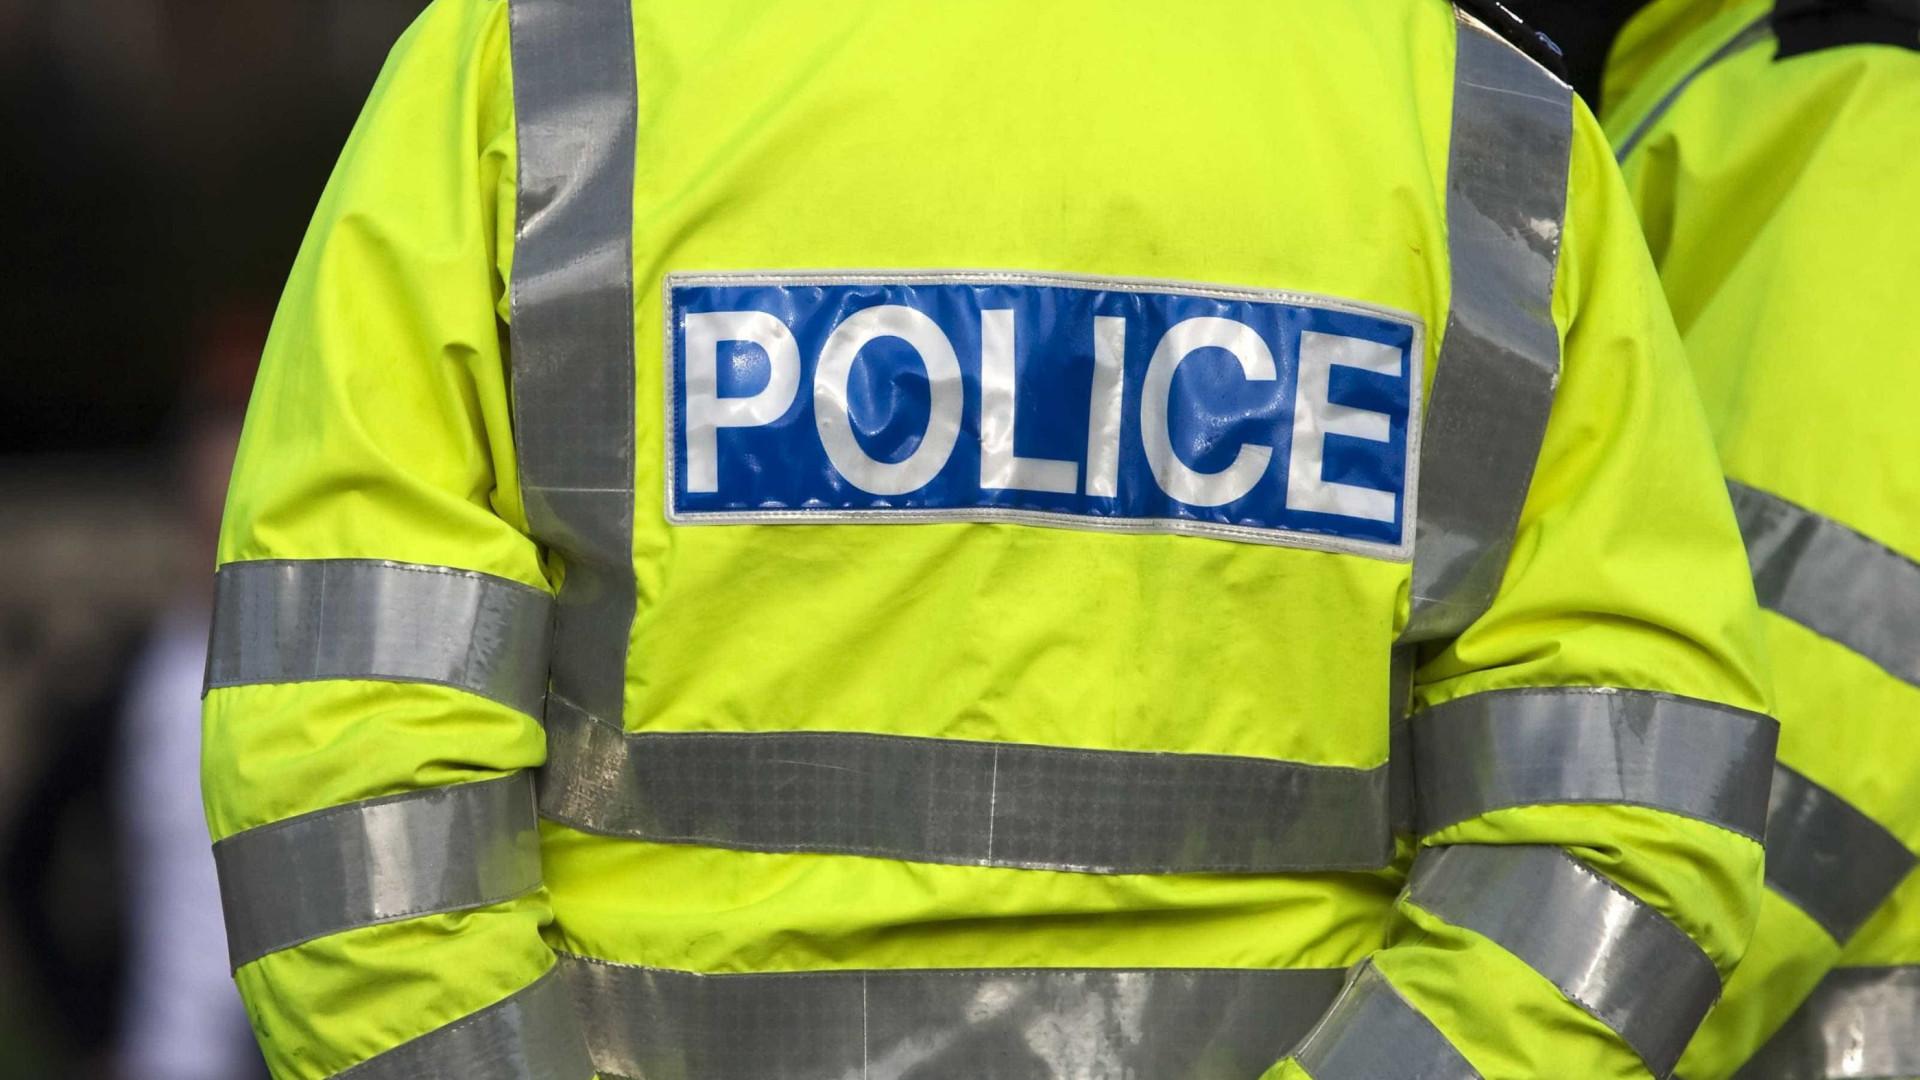 Reino Unido. Adolescente de 14 anos detido por suspeita de homicídio